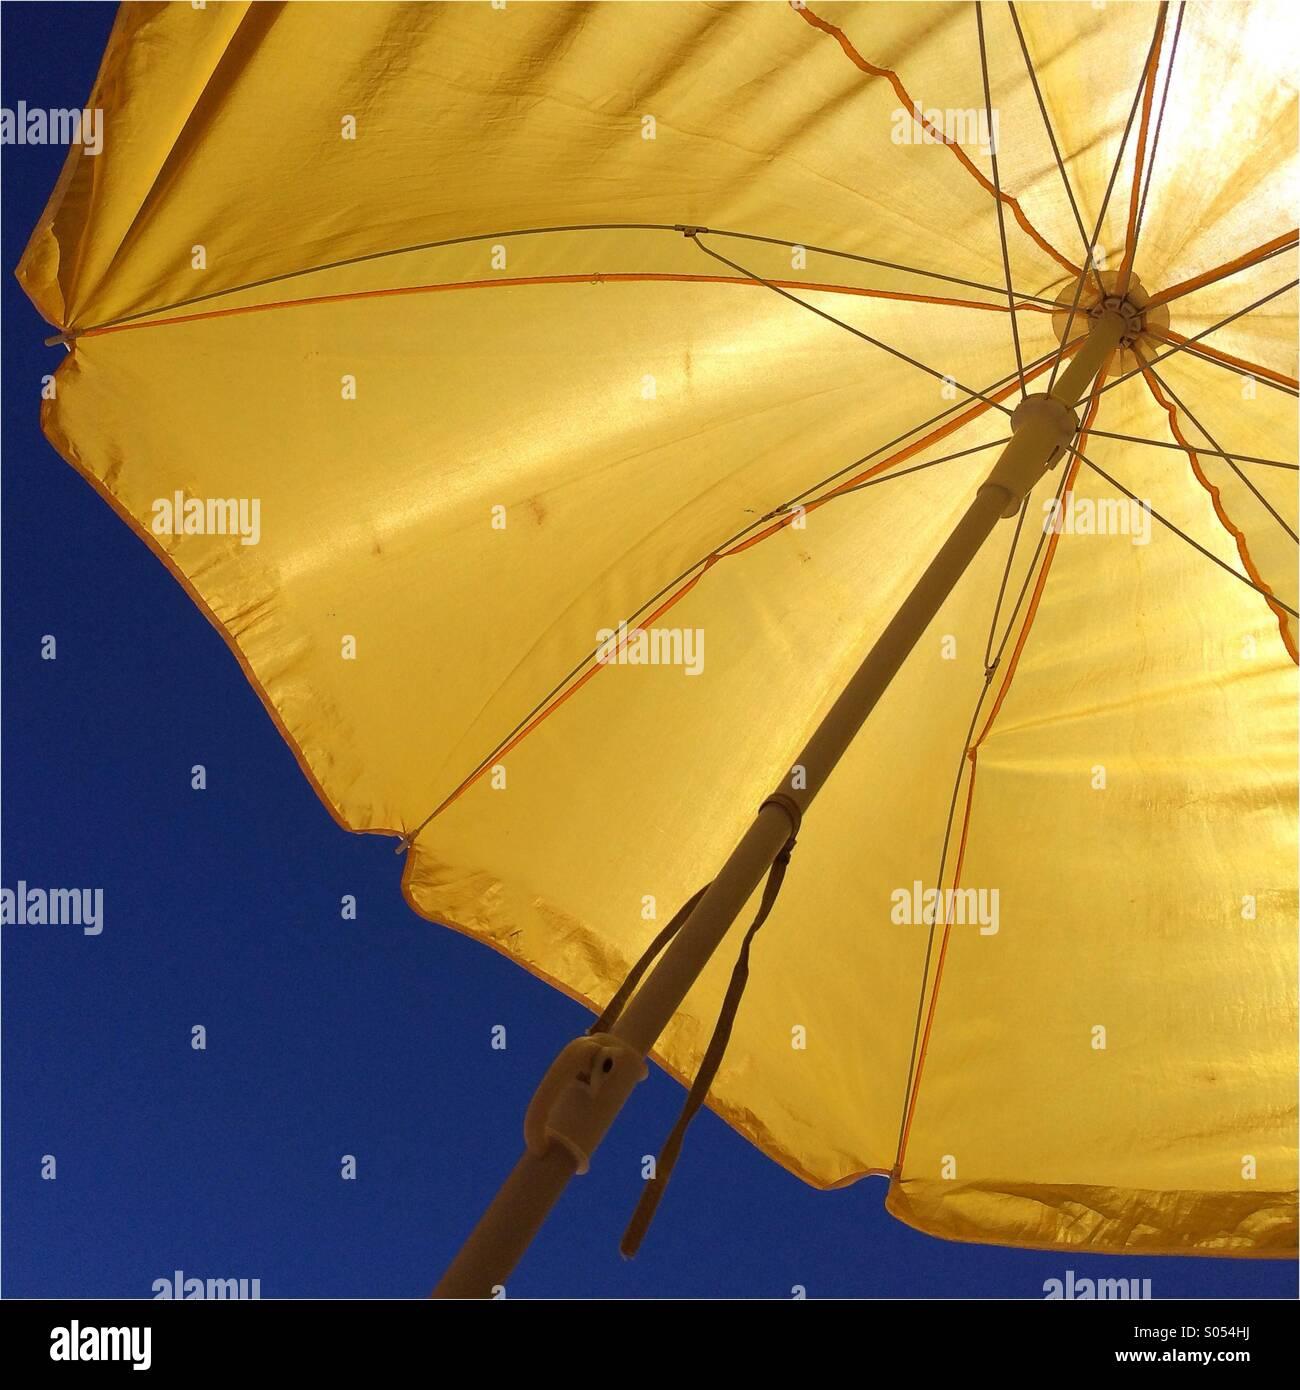 Parasol de playa amarillo contra el cielo azul Imagen De Stock